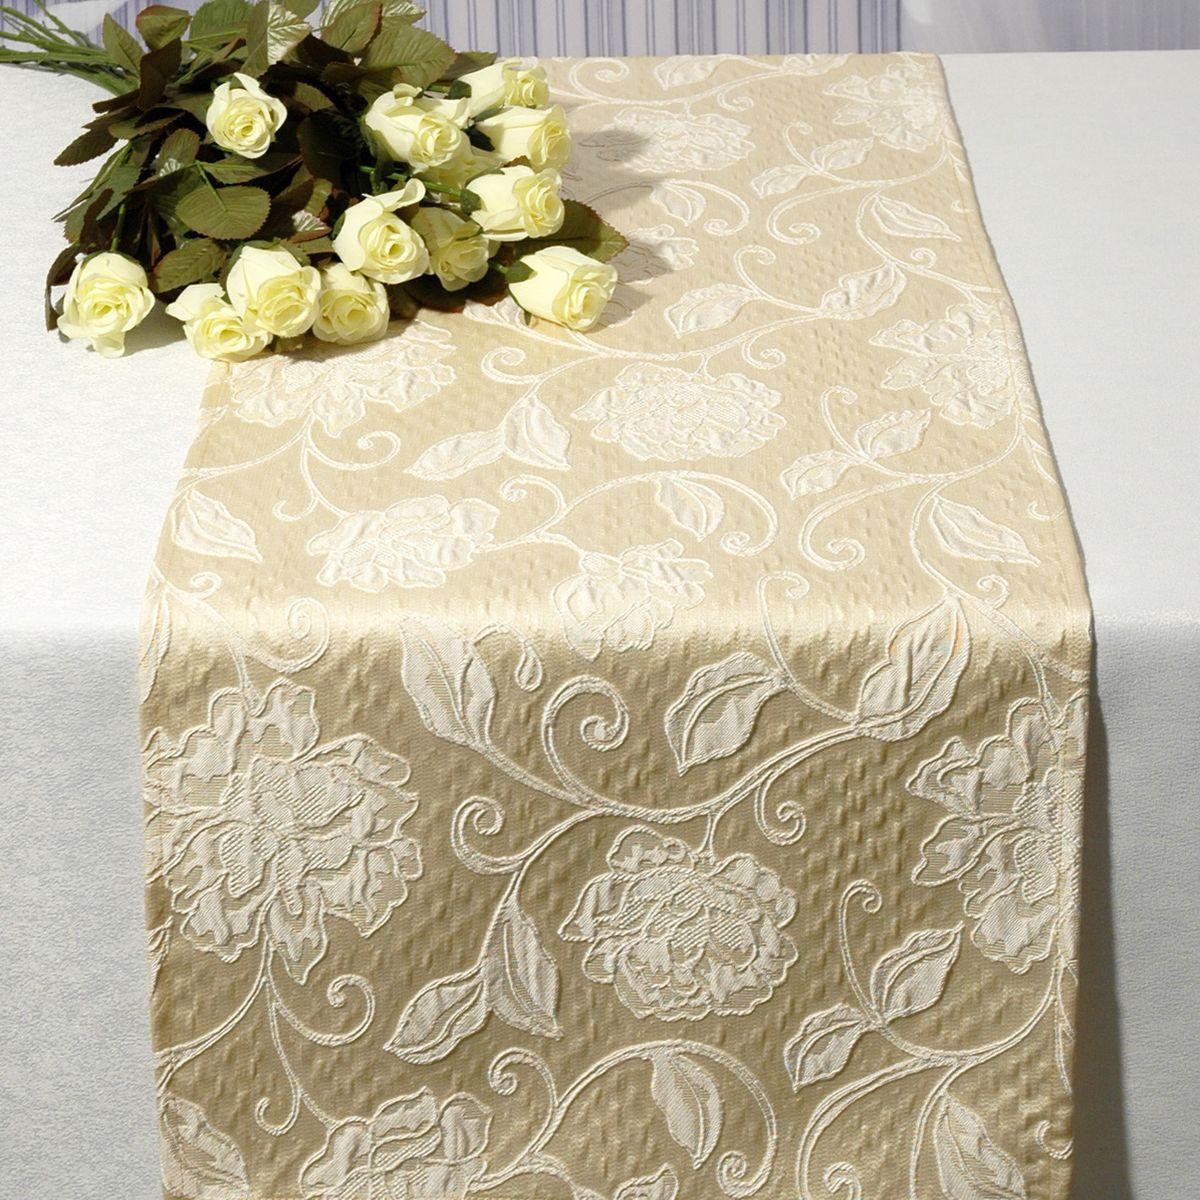 Дорожка для декорирования стола Schaefer , 40 х 140 см. 06738-21106738-211